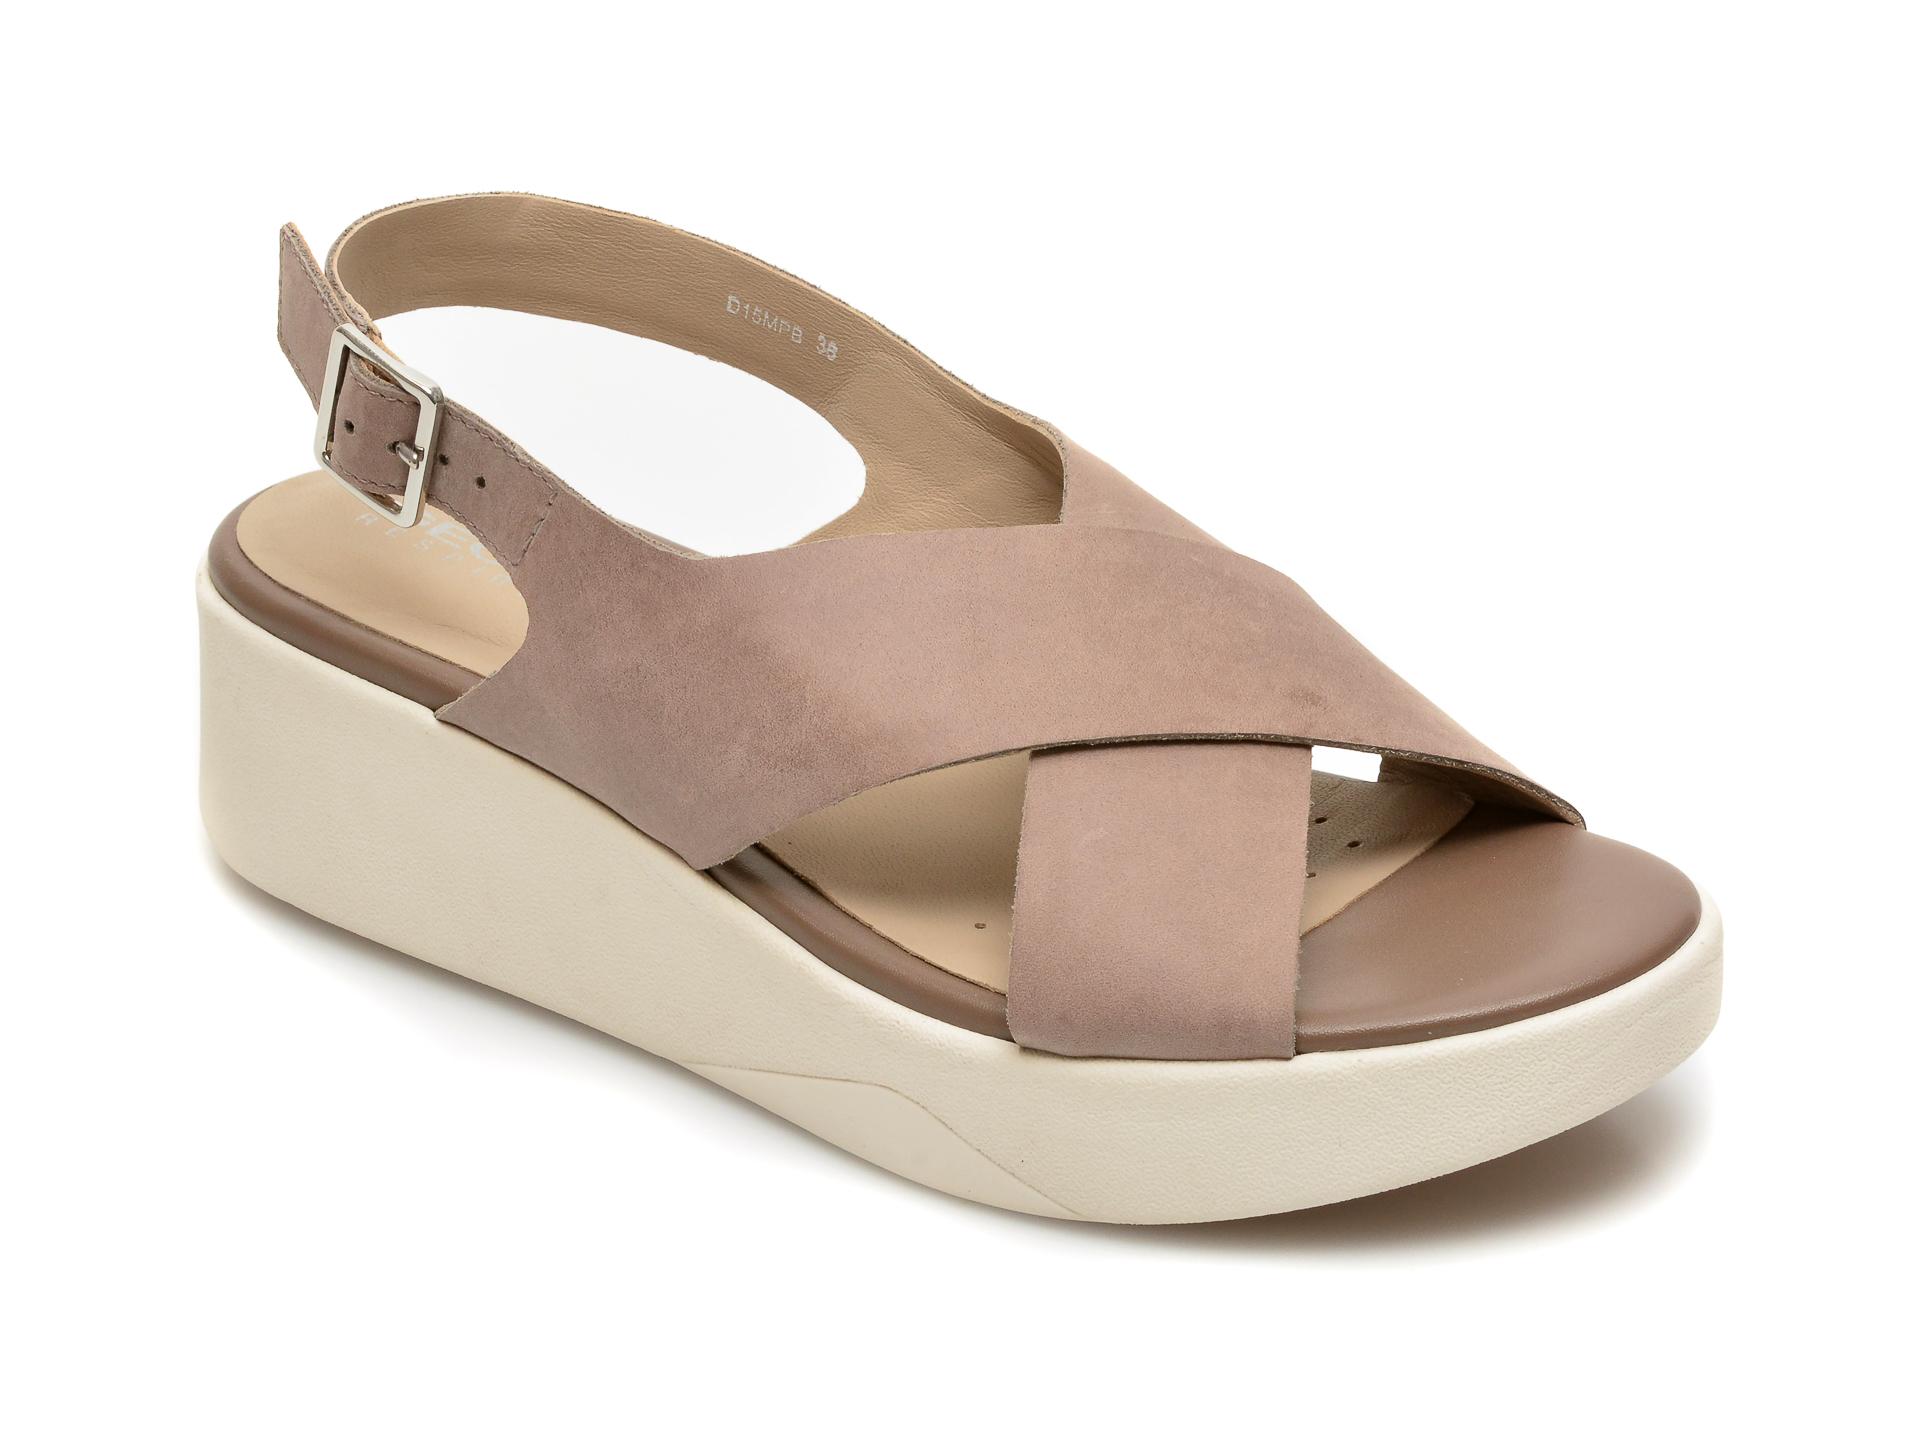 Sandale GEOX maro, D15MPB, din piele naturala New